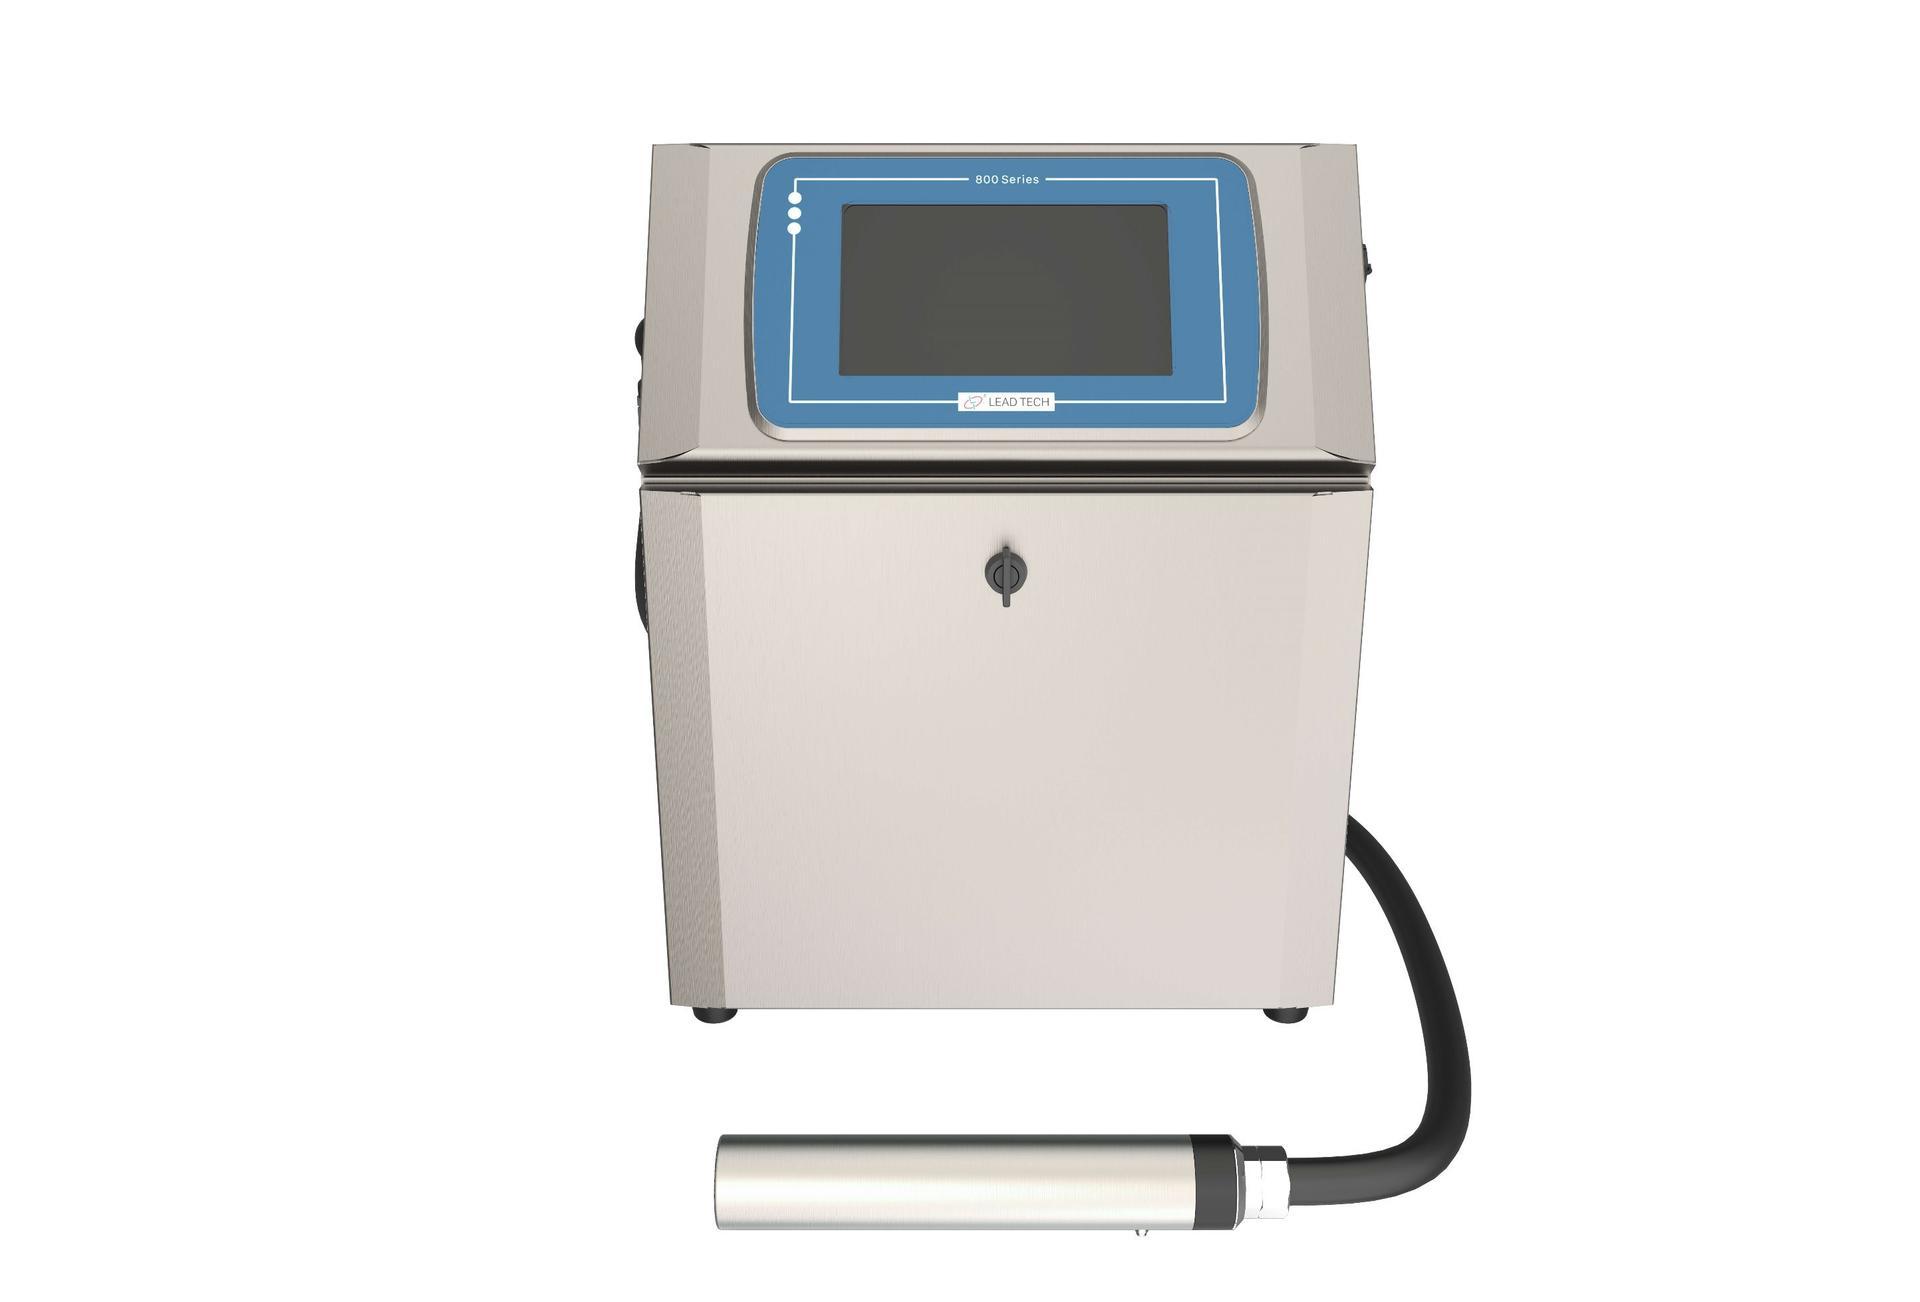 Lead Tech Lt800 Egg Coding Cij Inkjet Printer